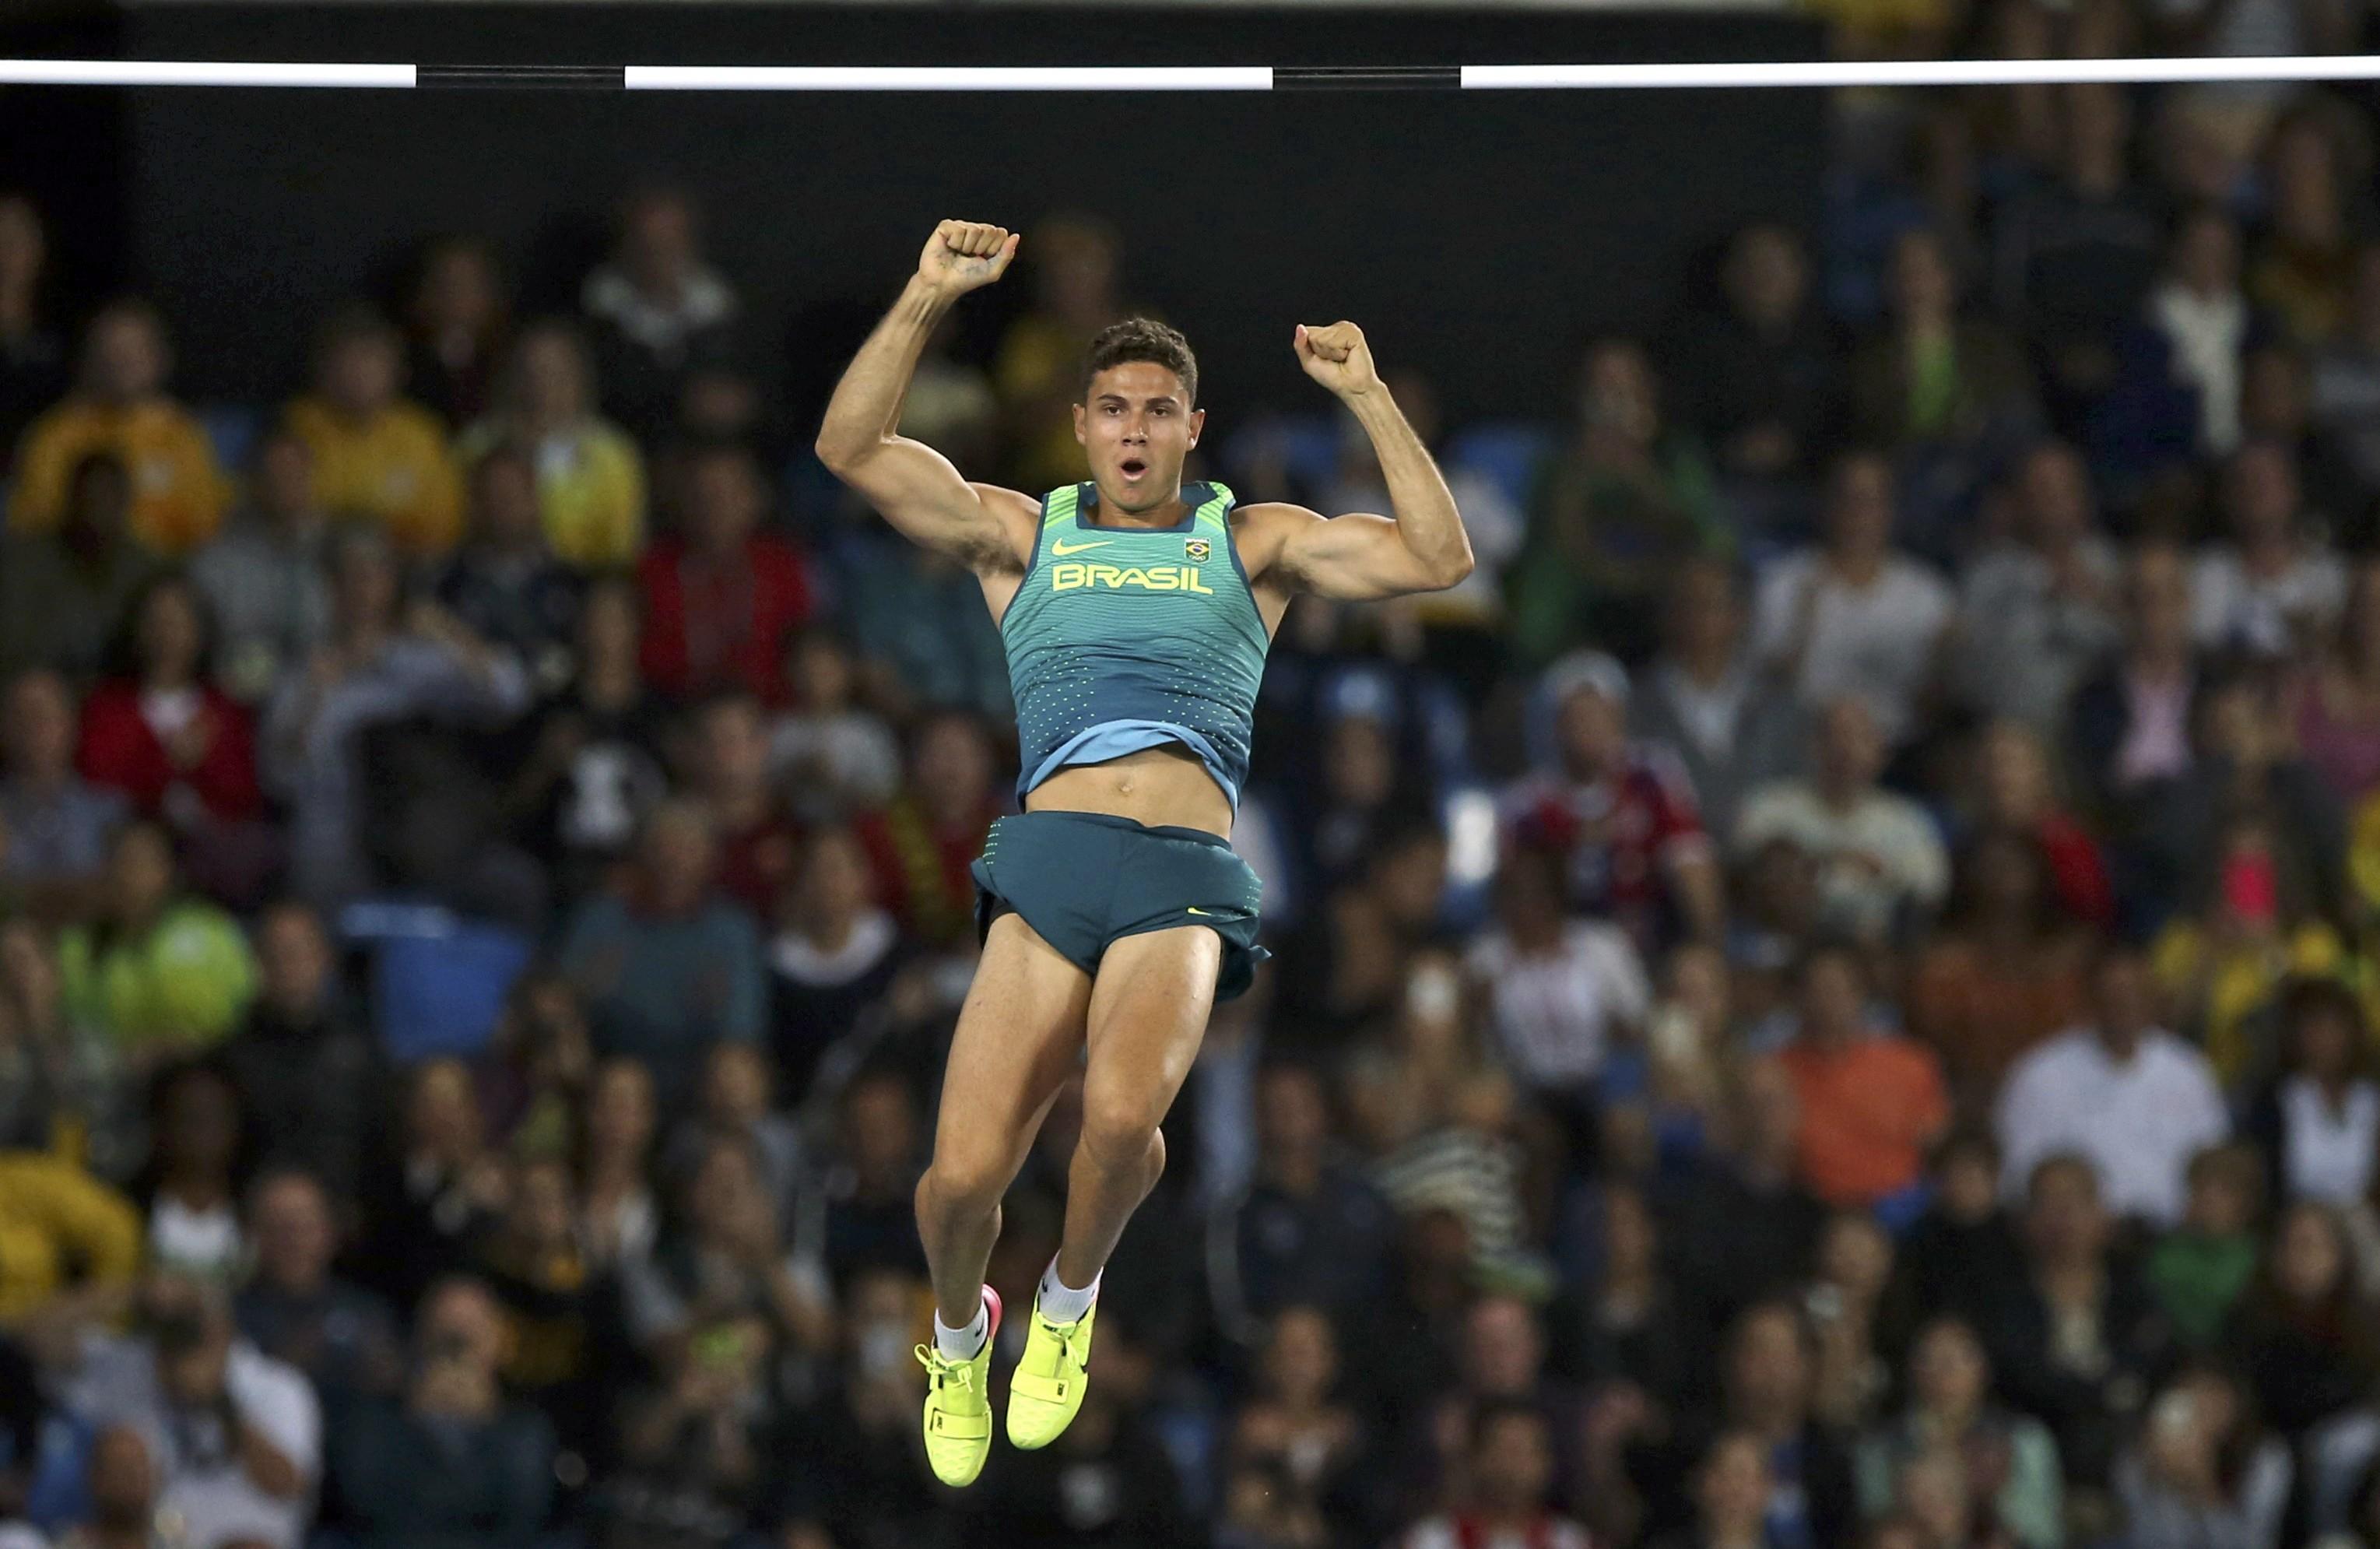 Thiago Silva conquista ouro e bate recorde olímpico no salto com vara 03bf8a69f81da